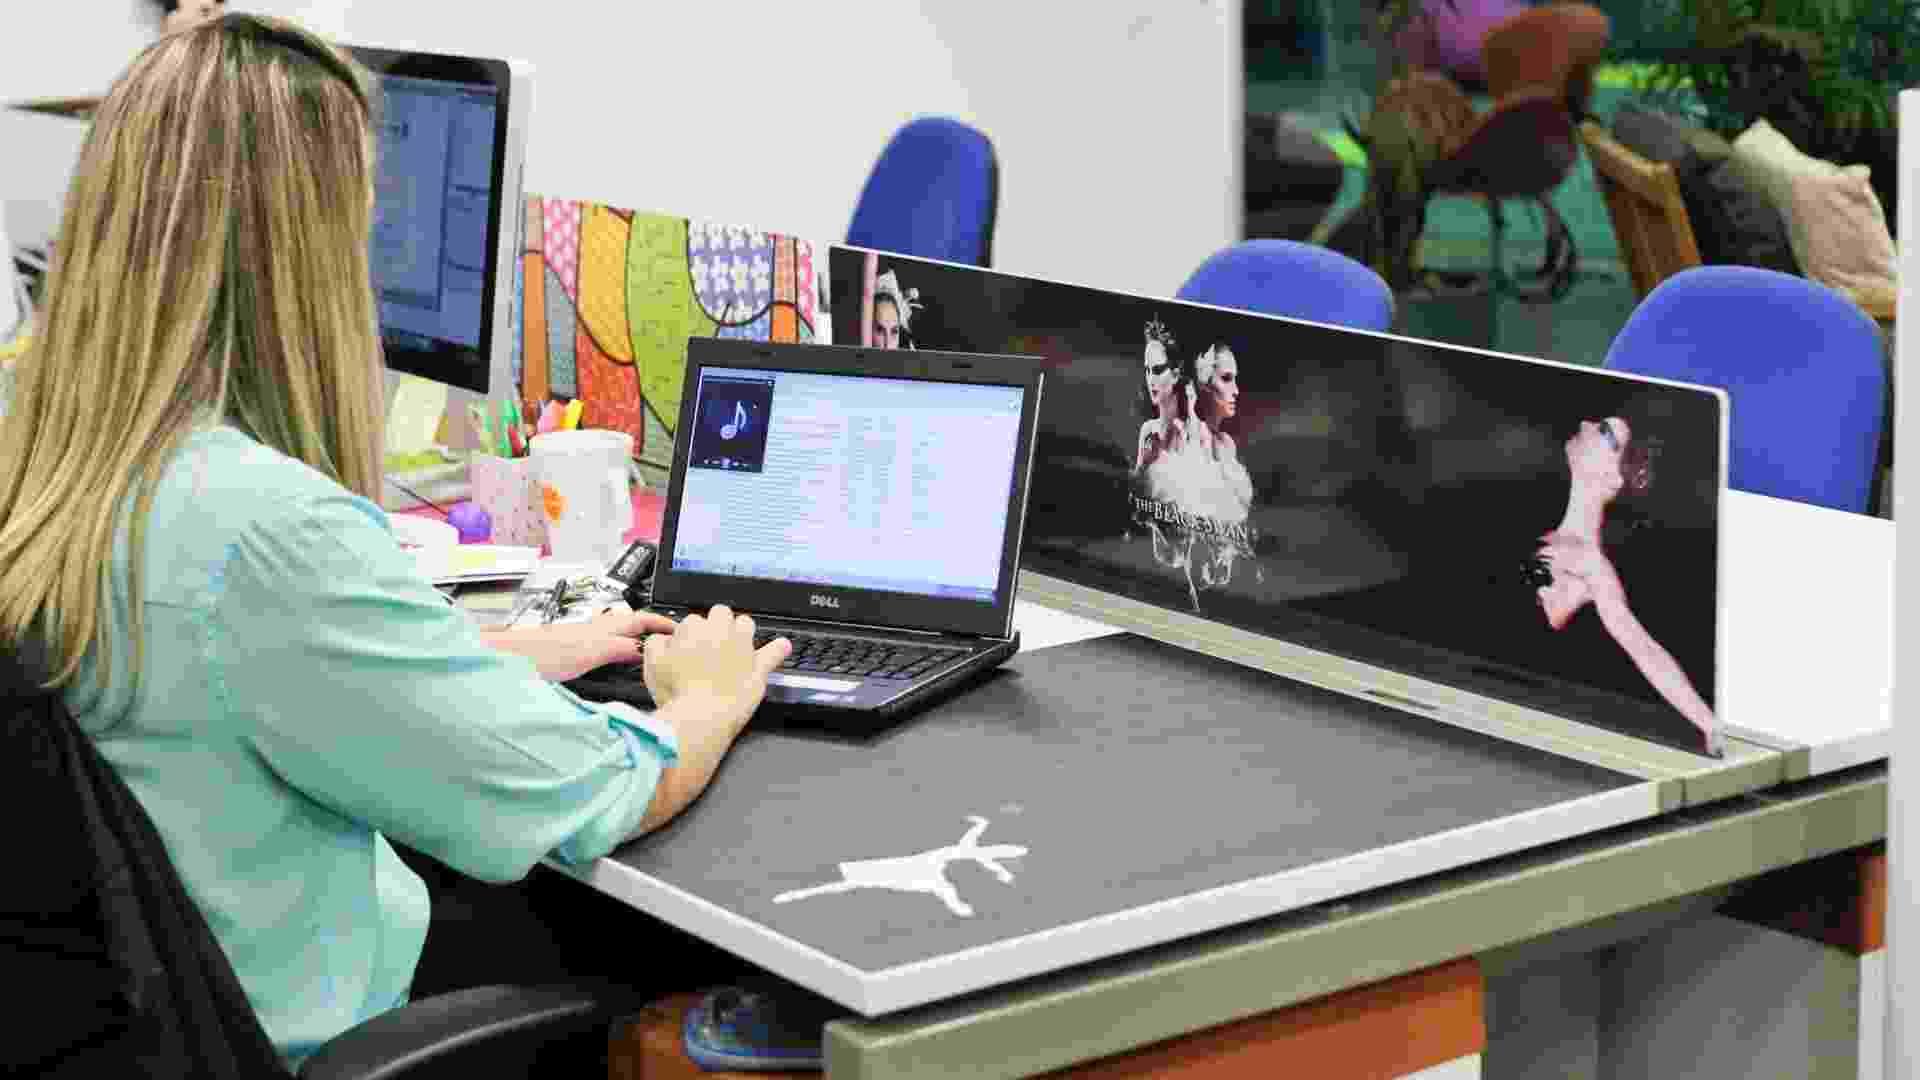 Empresa Acesso Digital realiza concurso para saber qual é a melhor decoração da mesa de trabalho - Fernando Donasci/UOL